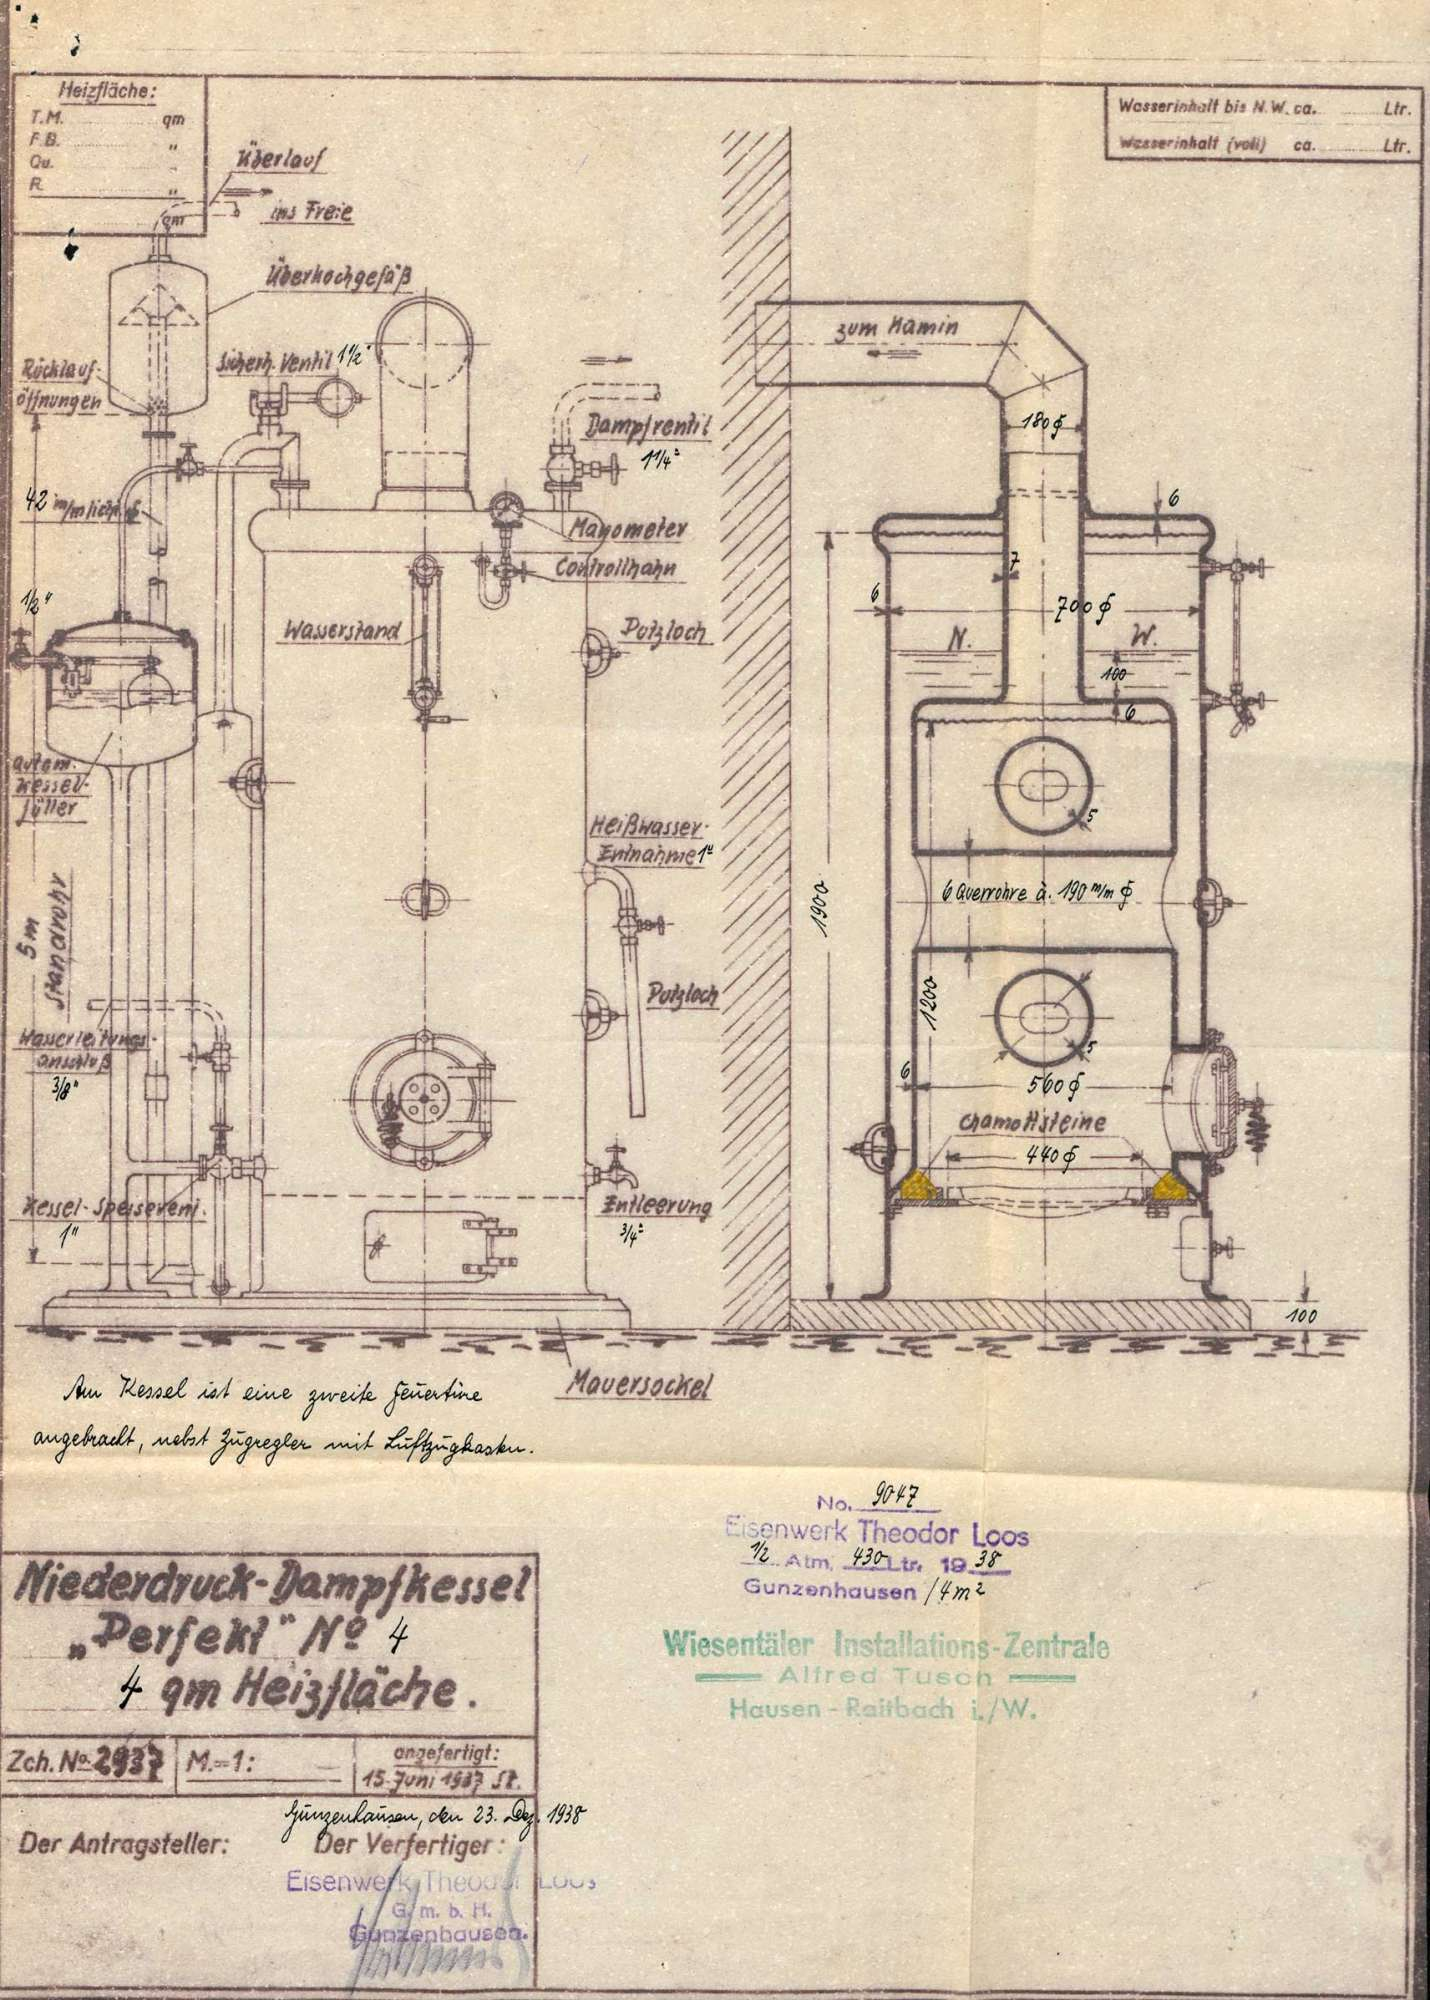 Zulassung eines Niederdruckdampfkessels in der Fa. Gaze- und Kreppweberei in Höllstein, Bild 1